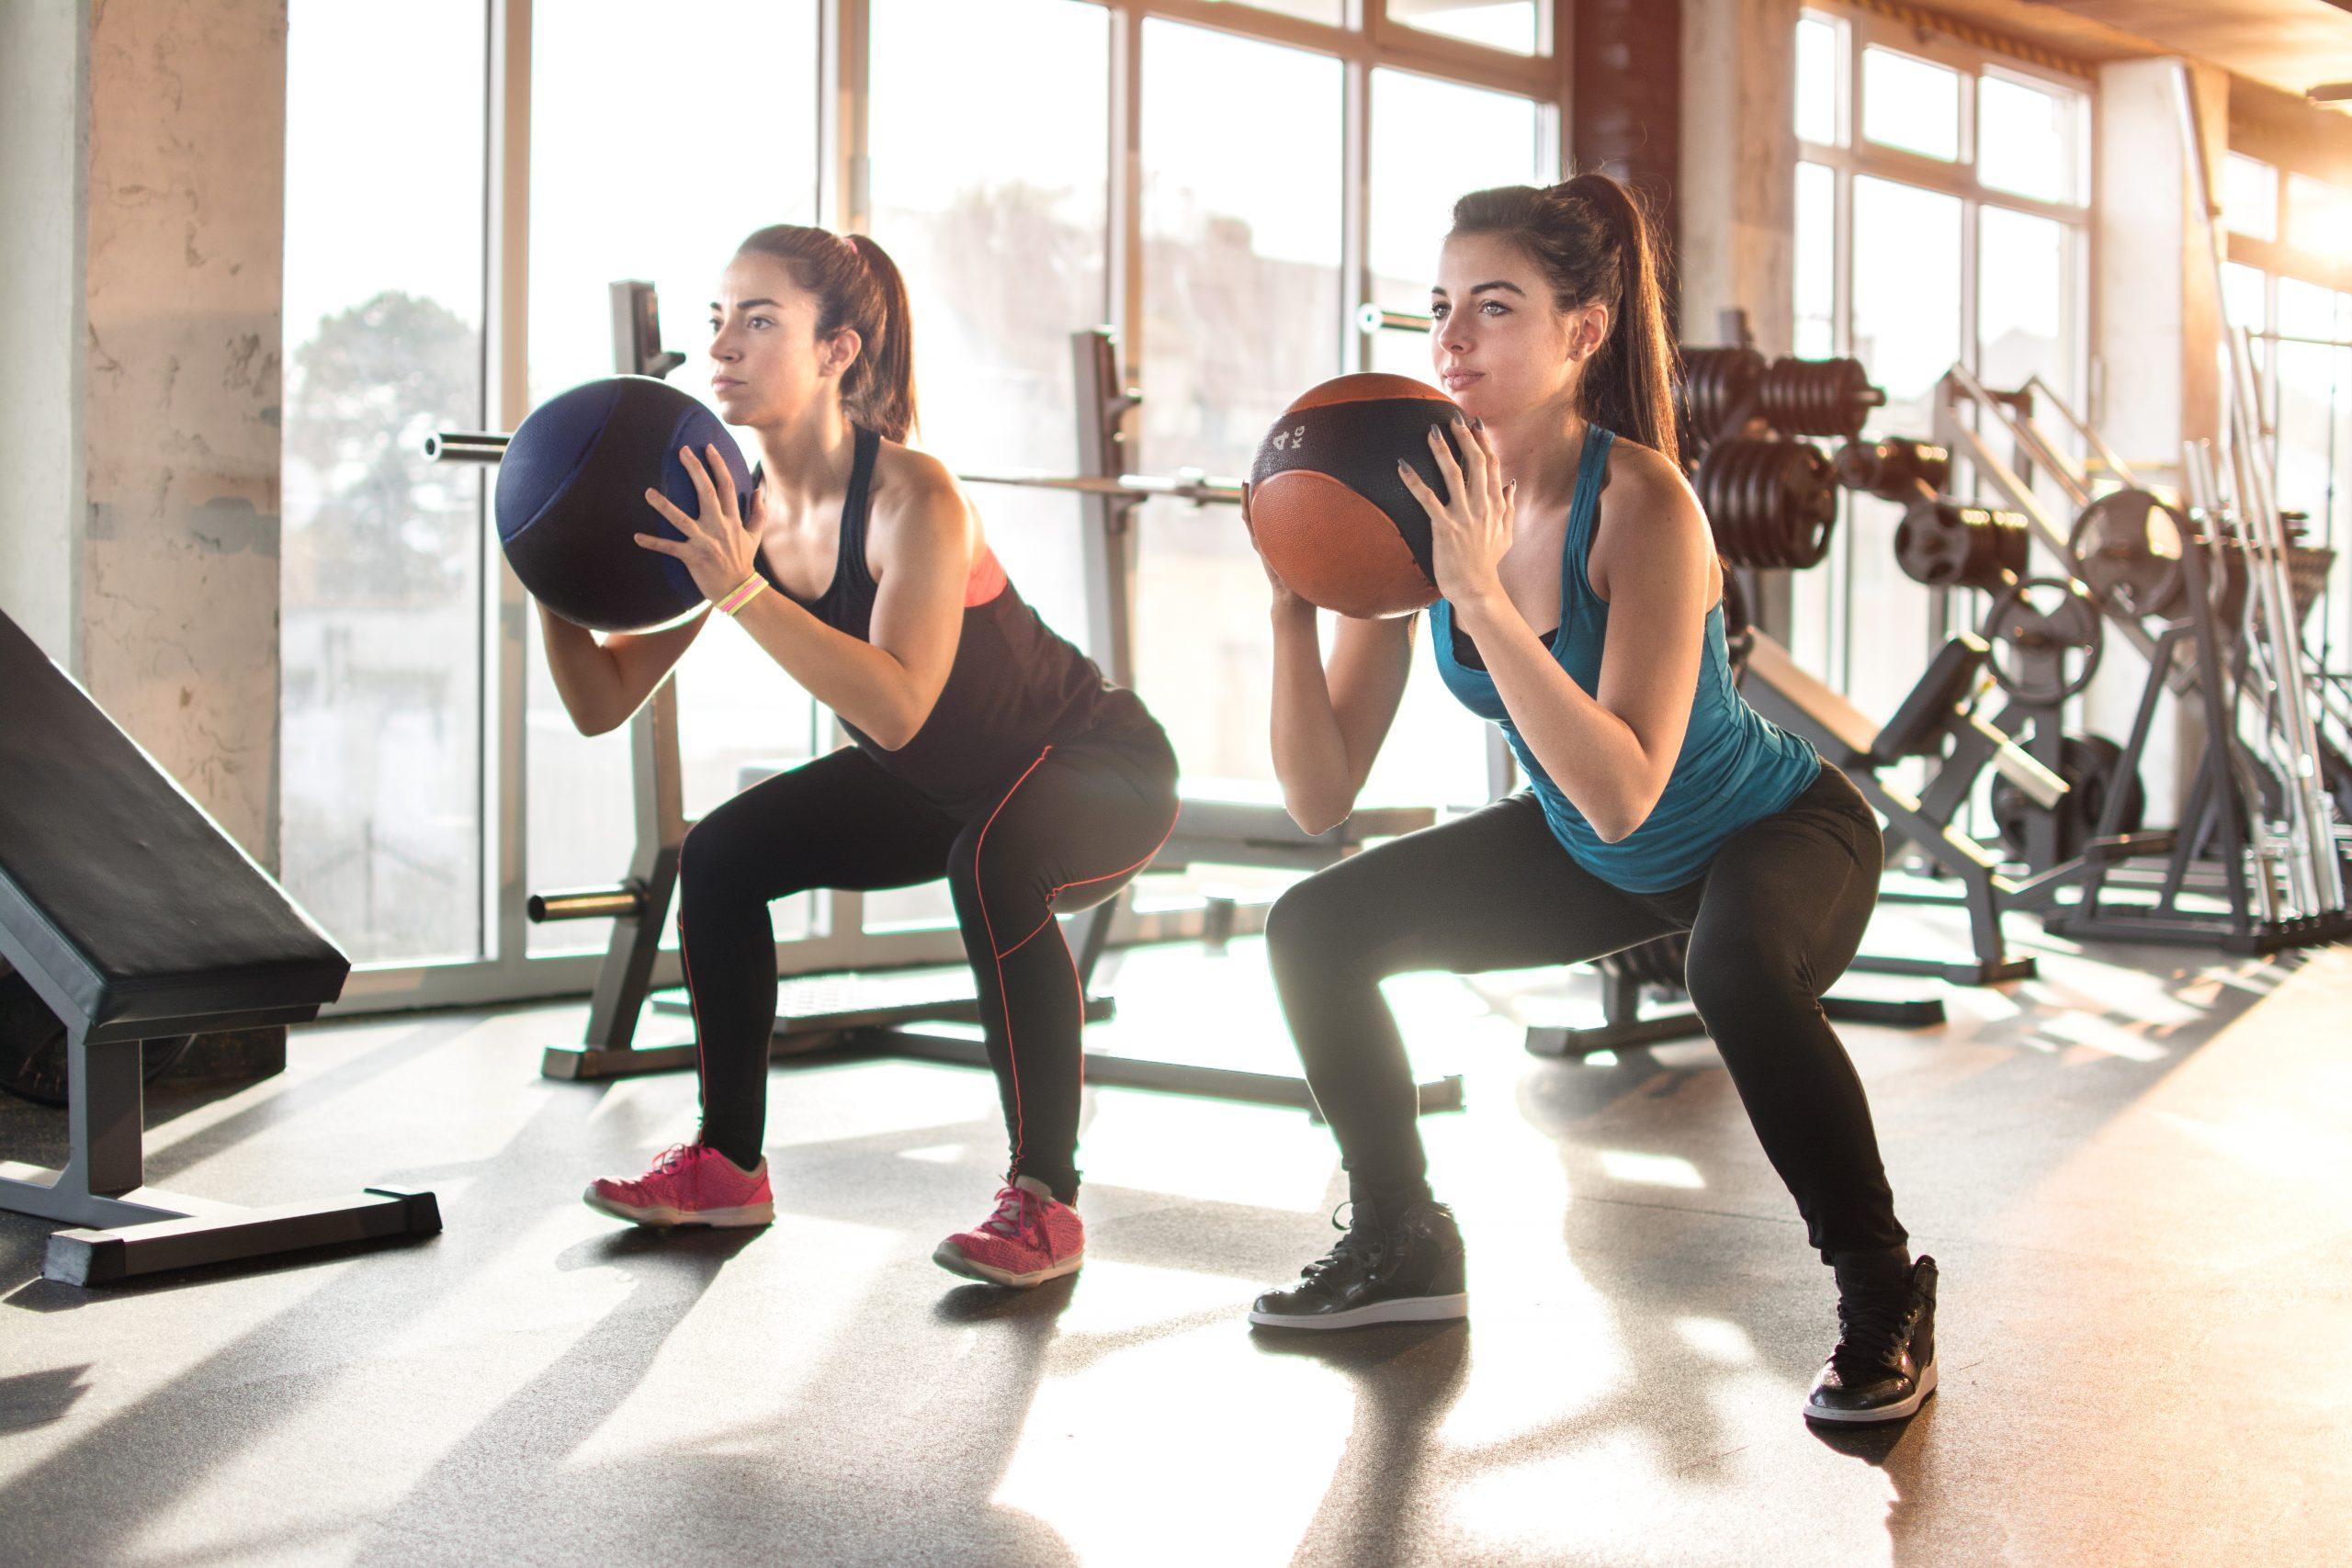 Capelli in piega durante il workout: come essere perfette in palestra